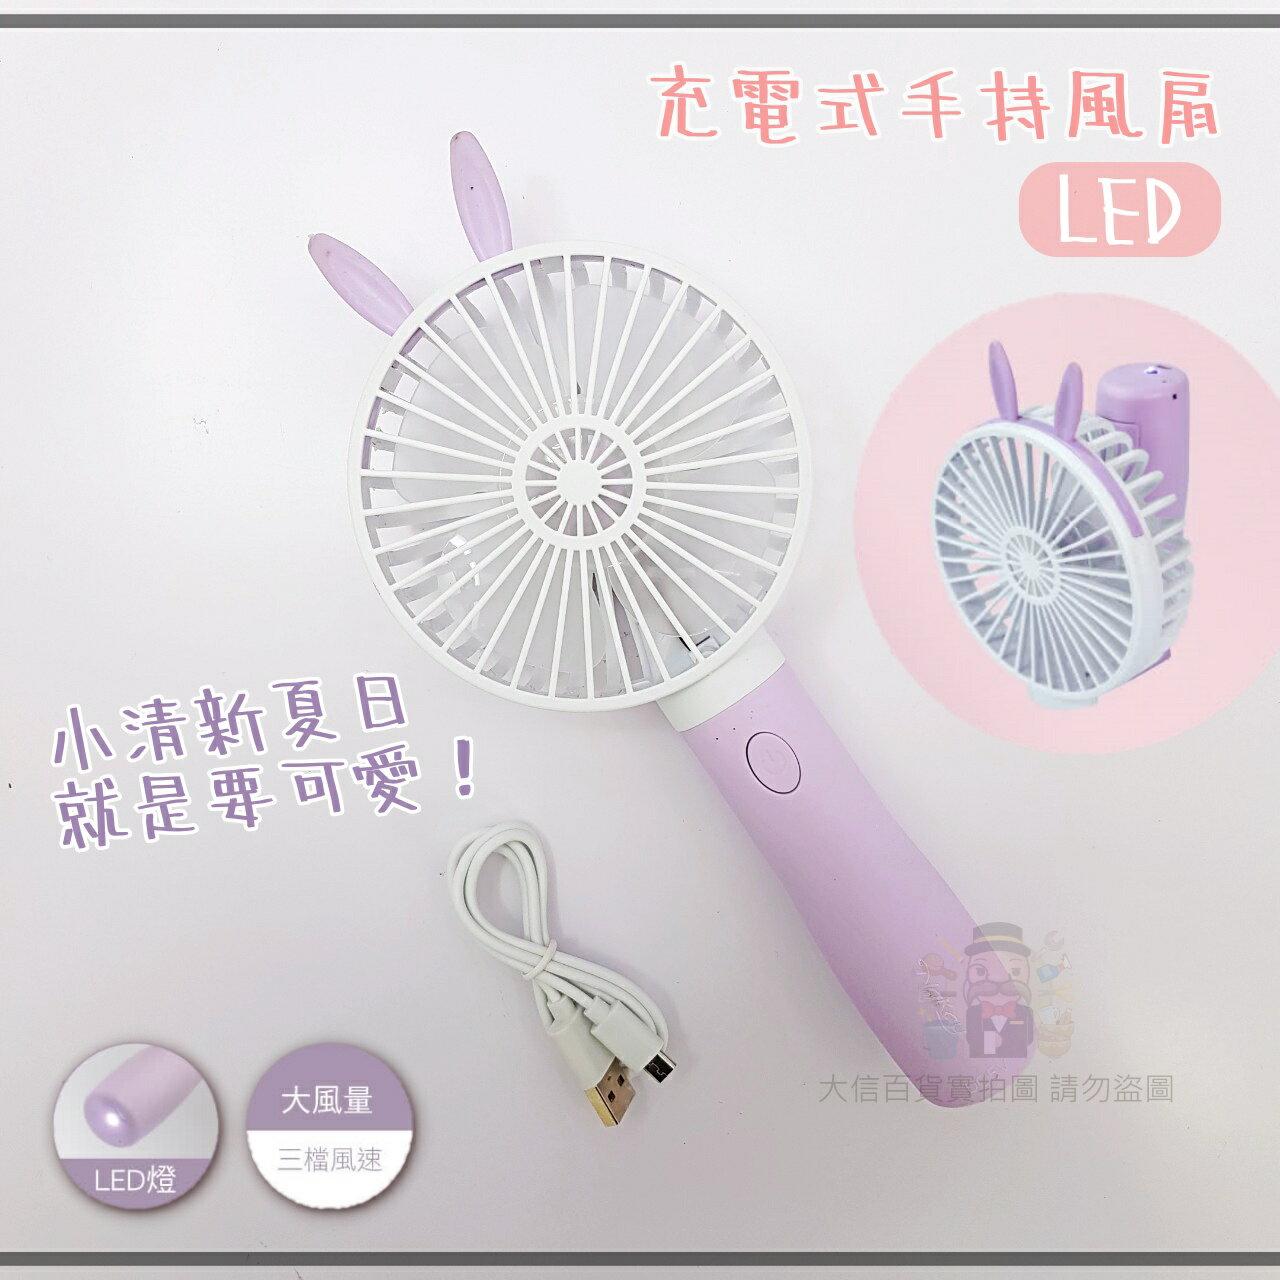 《大信百貨》Nakay 充電式手持造型兔子風扇 NUF-113 LED燈 三檔風速 大風量